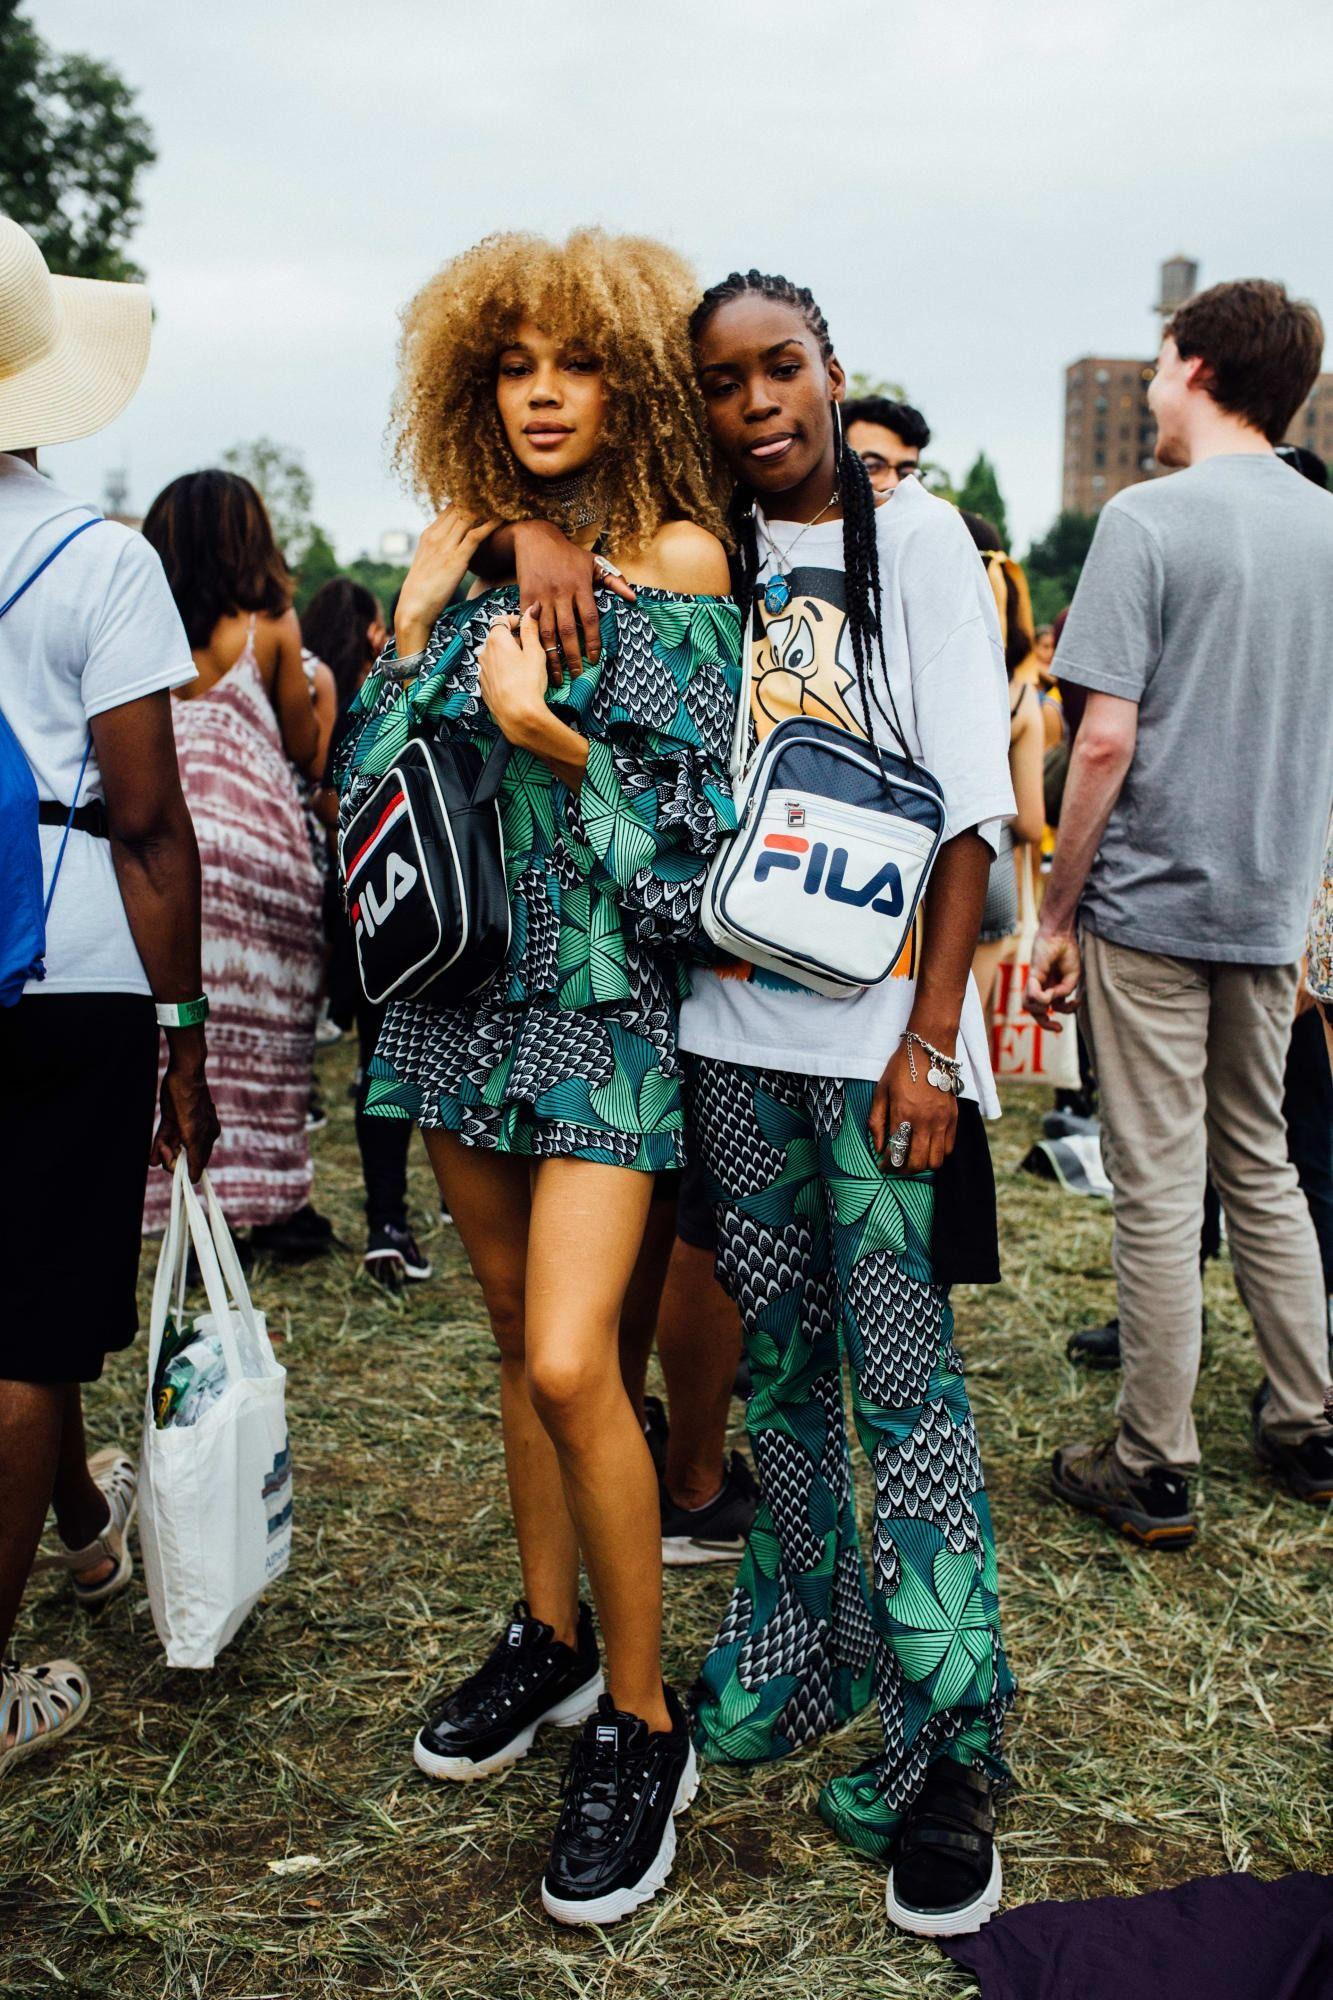 Crop tops were a music festival favorite at afropunk street